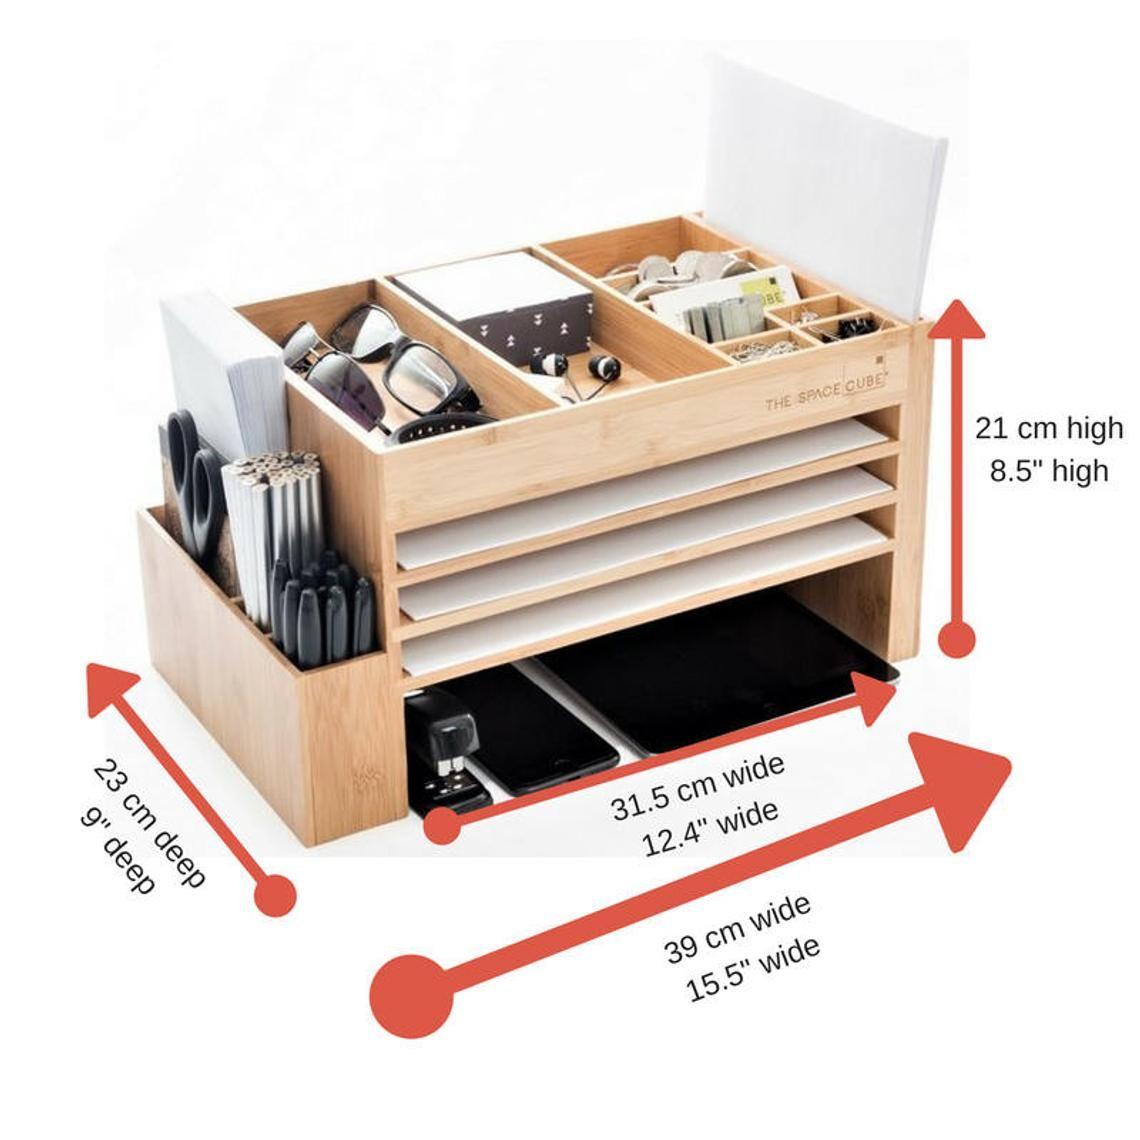 Modern Wood Home Office Supplies Desk Organiser  Desktop Shelf